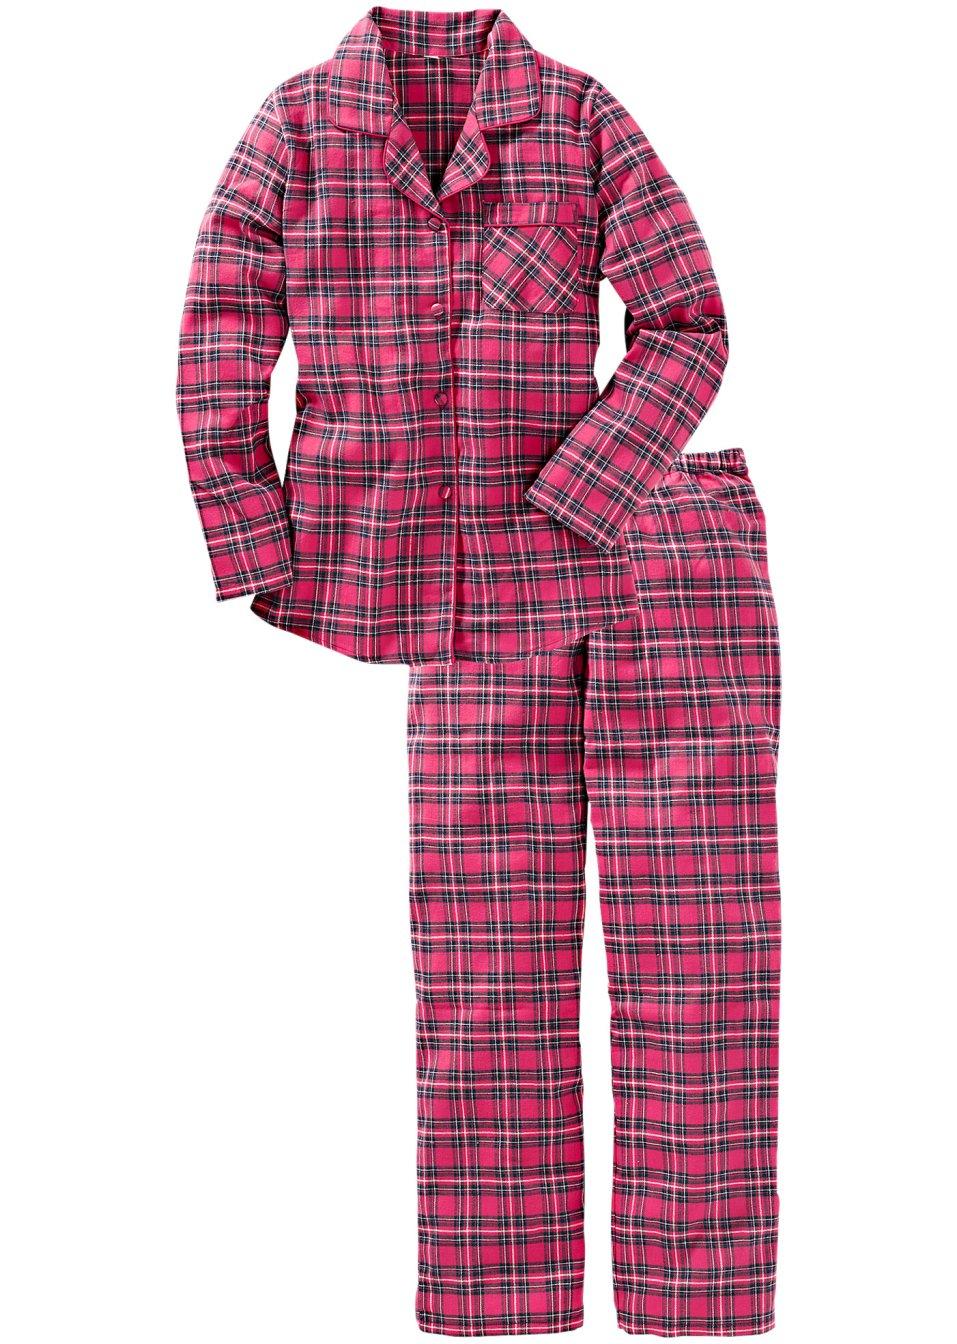 weicher pyjama mit tollem karomuster pink kariert. Black Bedroom Furniture Sets. Home Design Ideas